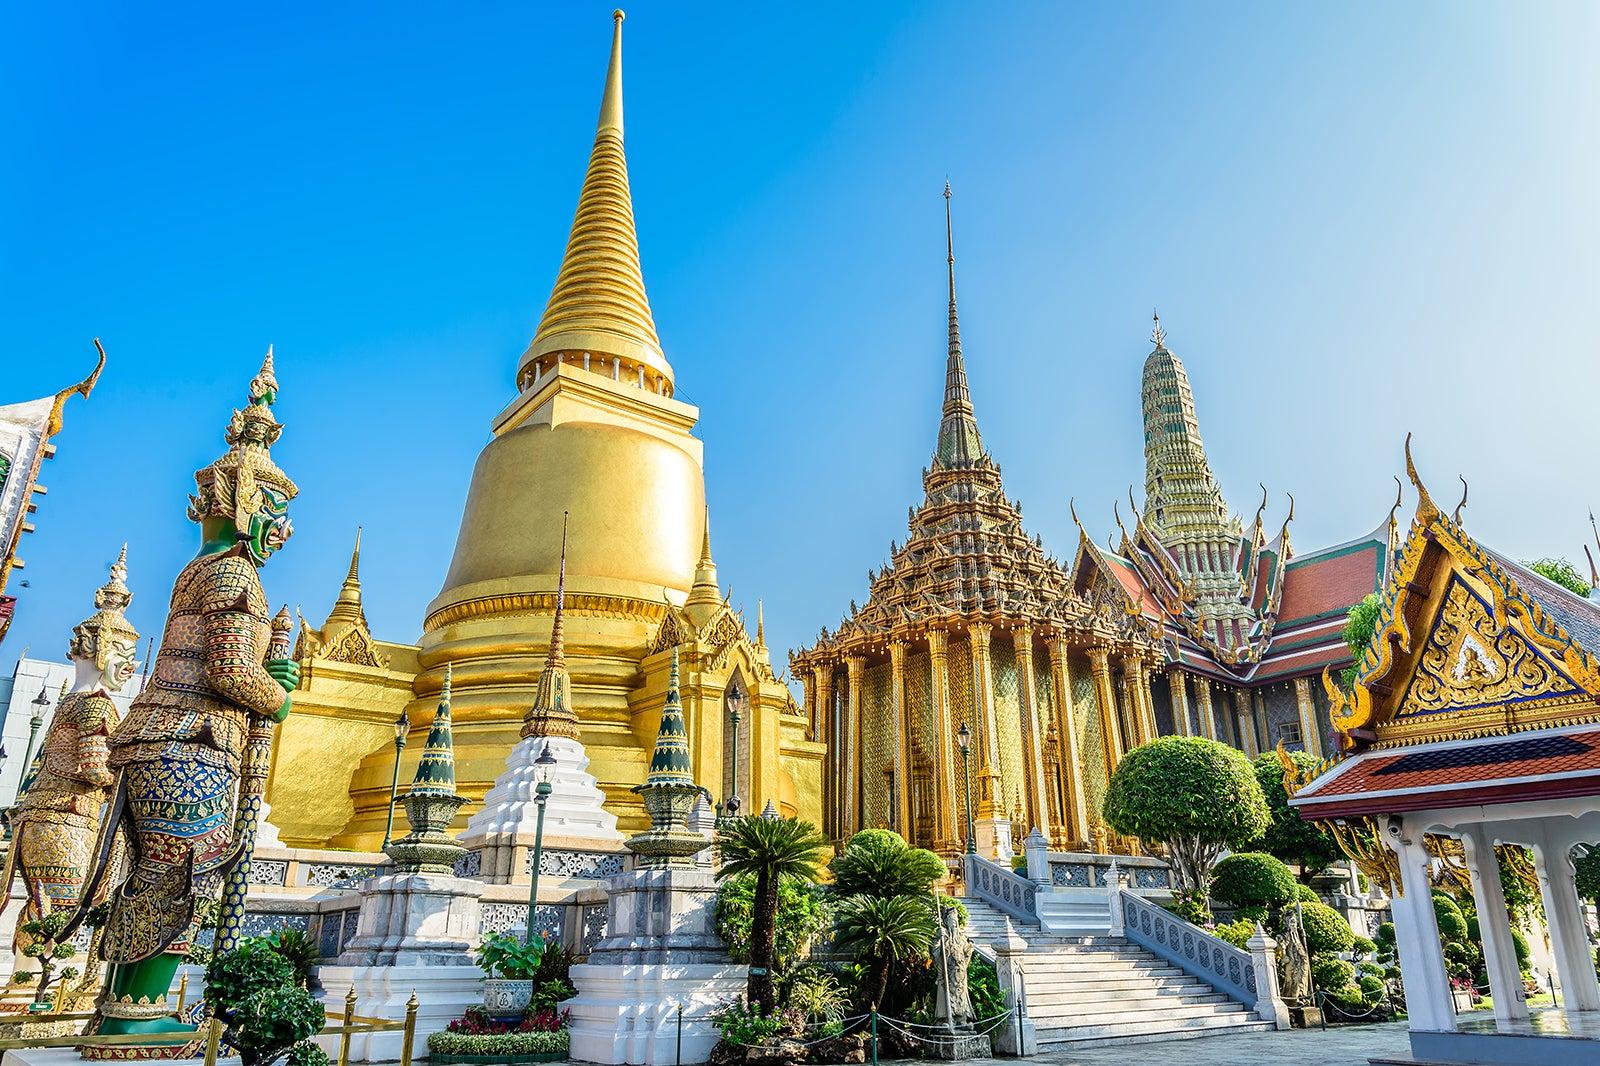 The Grand Palace in Bangkok - Must-See Bangkok Attraction – Go Guides